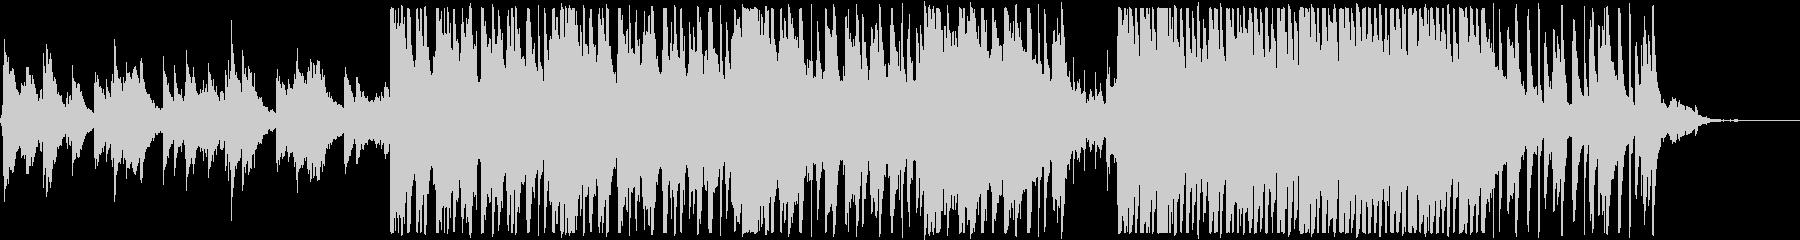 ピアノメインの新しい一日が始まる系BGMの未再生の波形